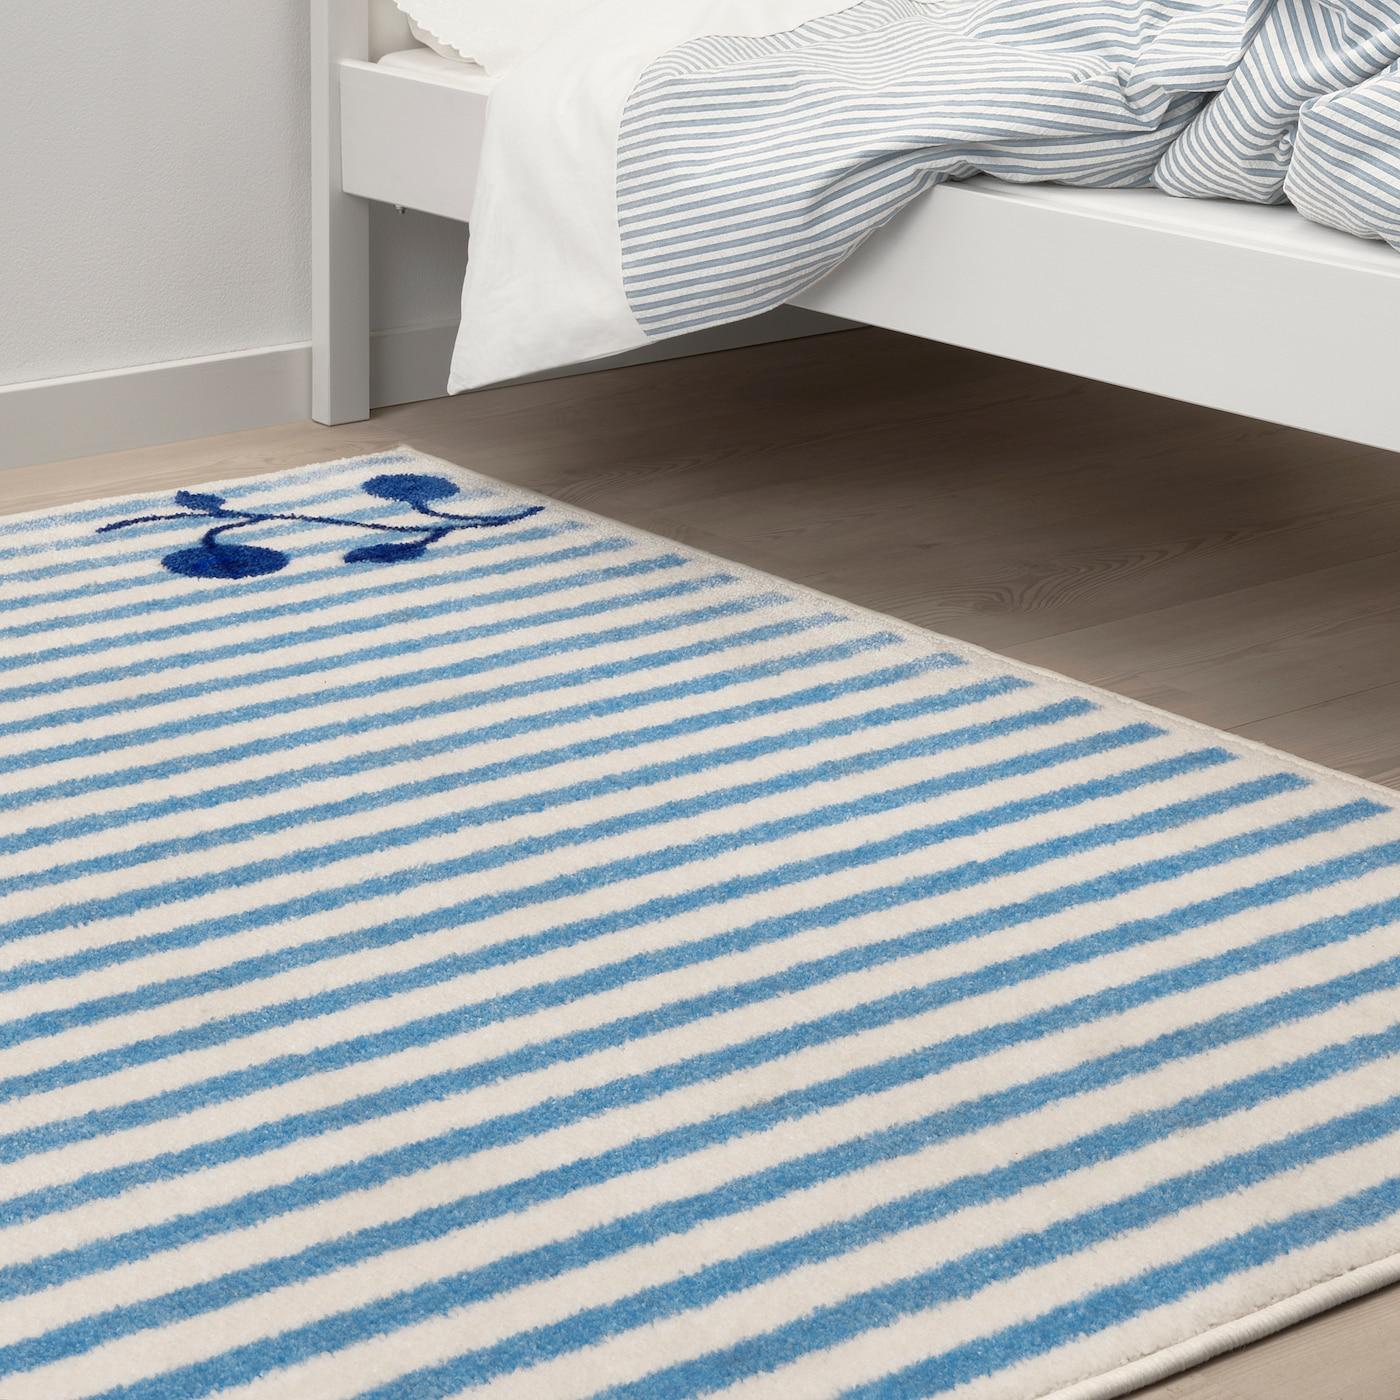 Gulsparv Teppich Gestreift Blau Weiss Ikea Osterreich